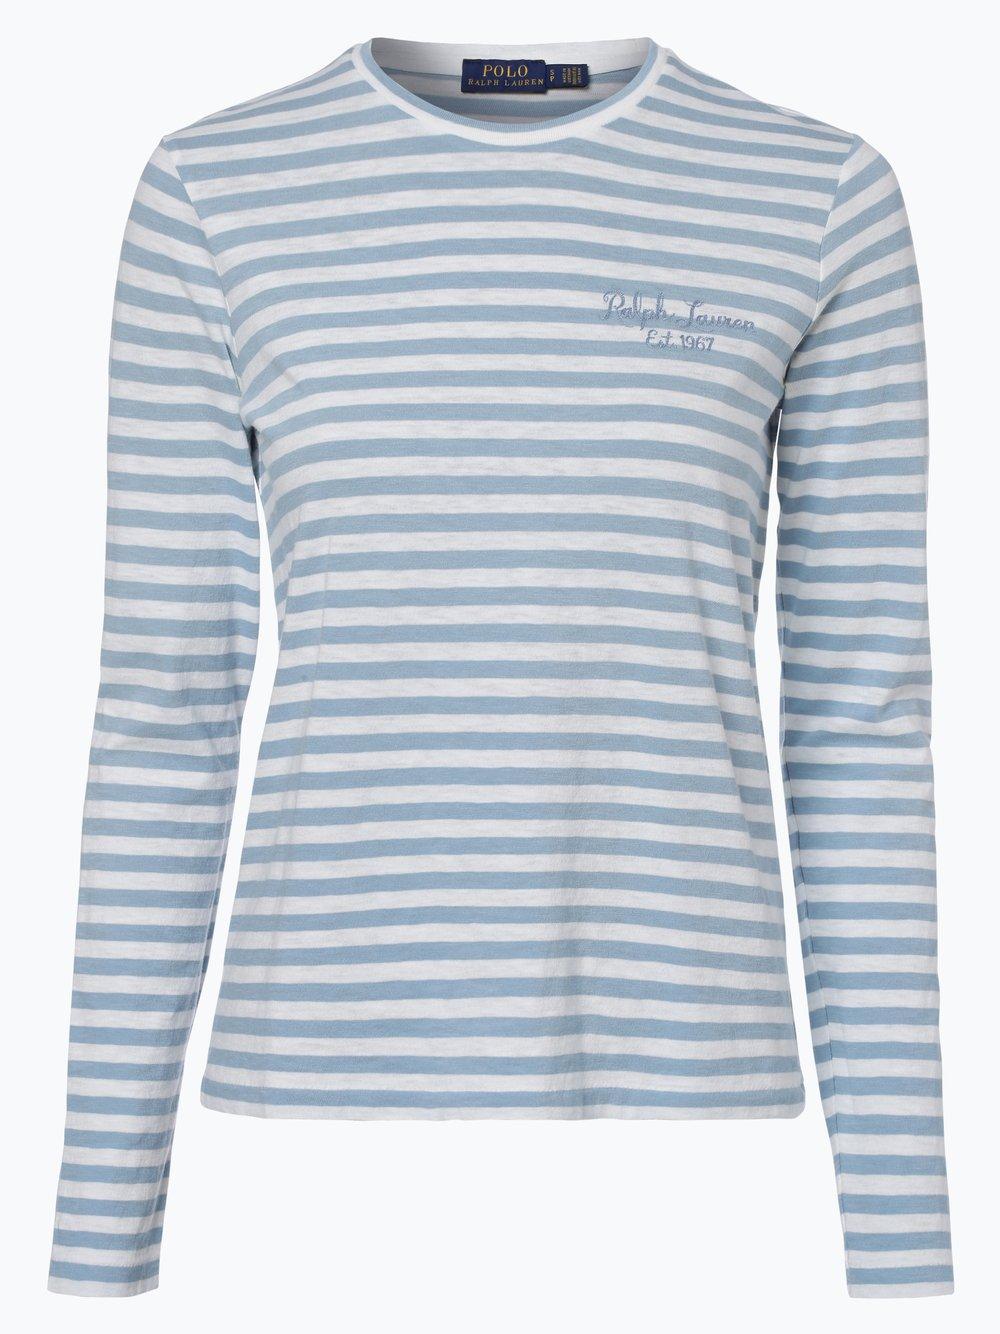 7aab319dd27273 Polo Ralph Lauren Damen Langarmshirt online kaufen